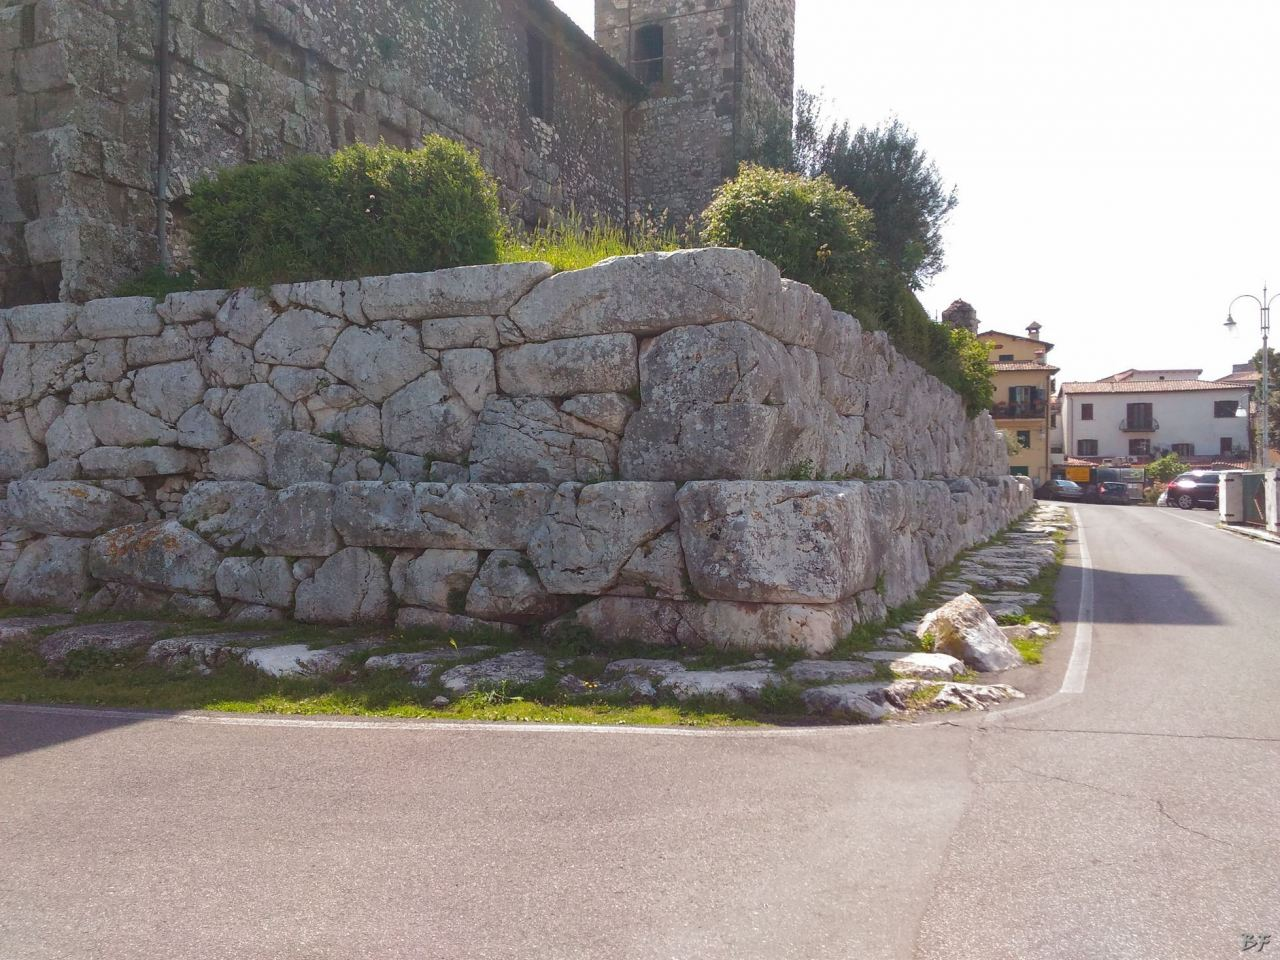 Signia-Mura-Poligonali-Megalitiche-Segni-Roma-Lazio-Italia-26